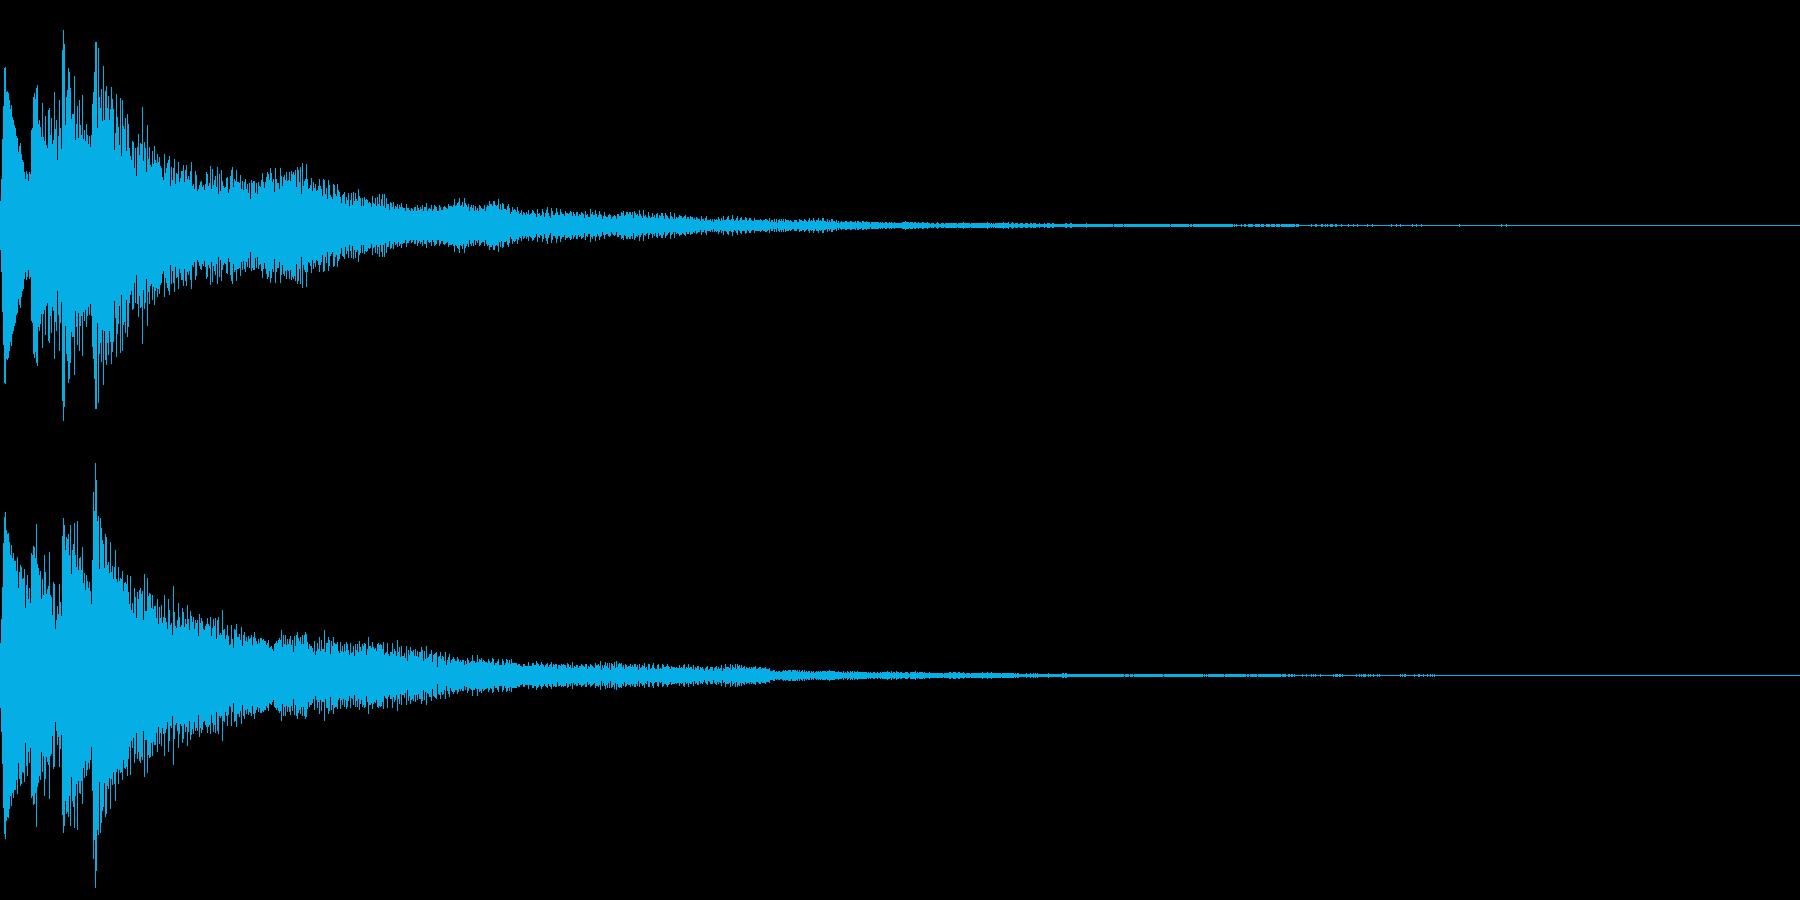 キラキラ キランなアタック音5の再生済みの波形